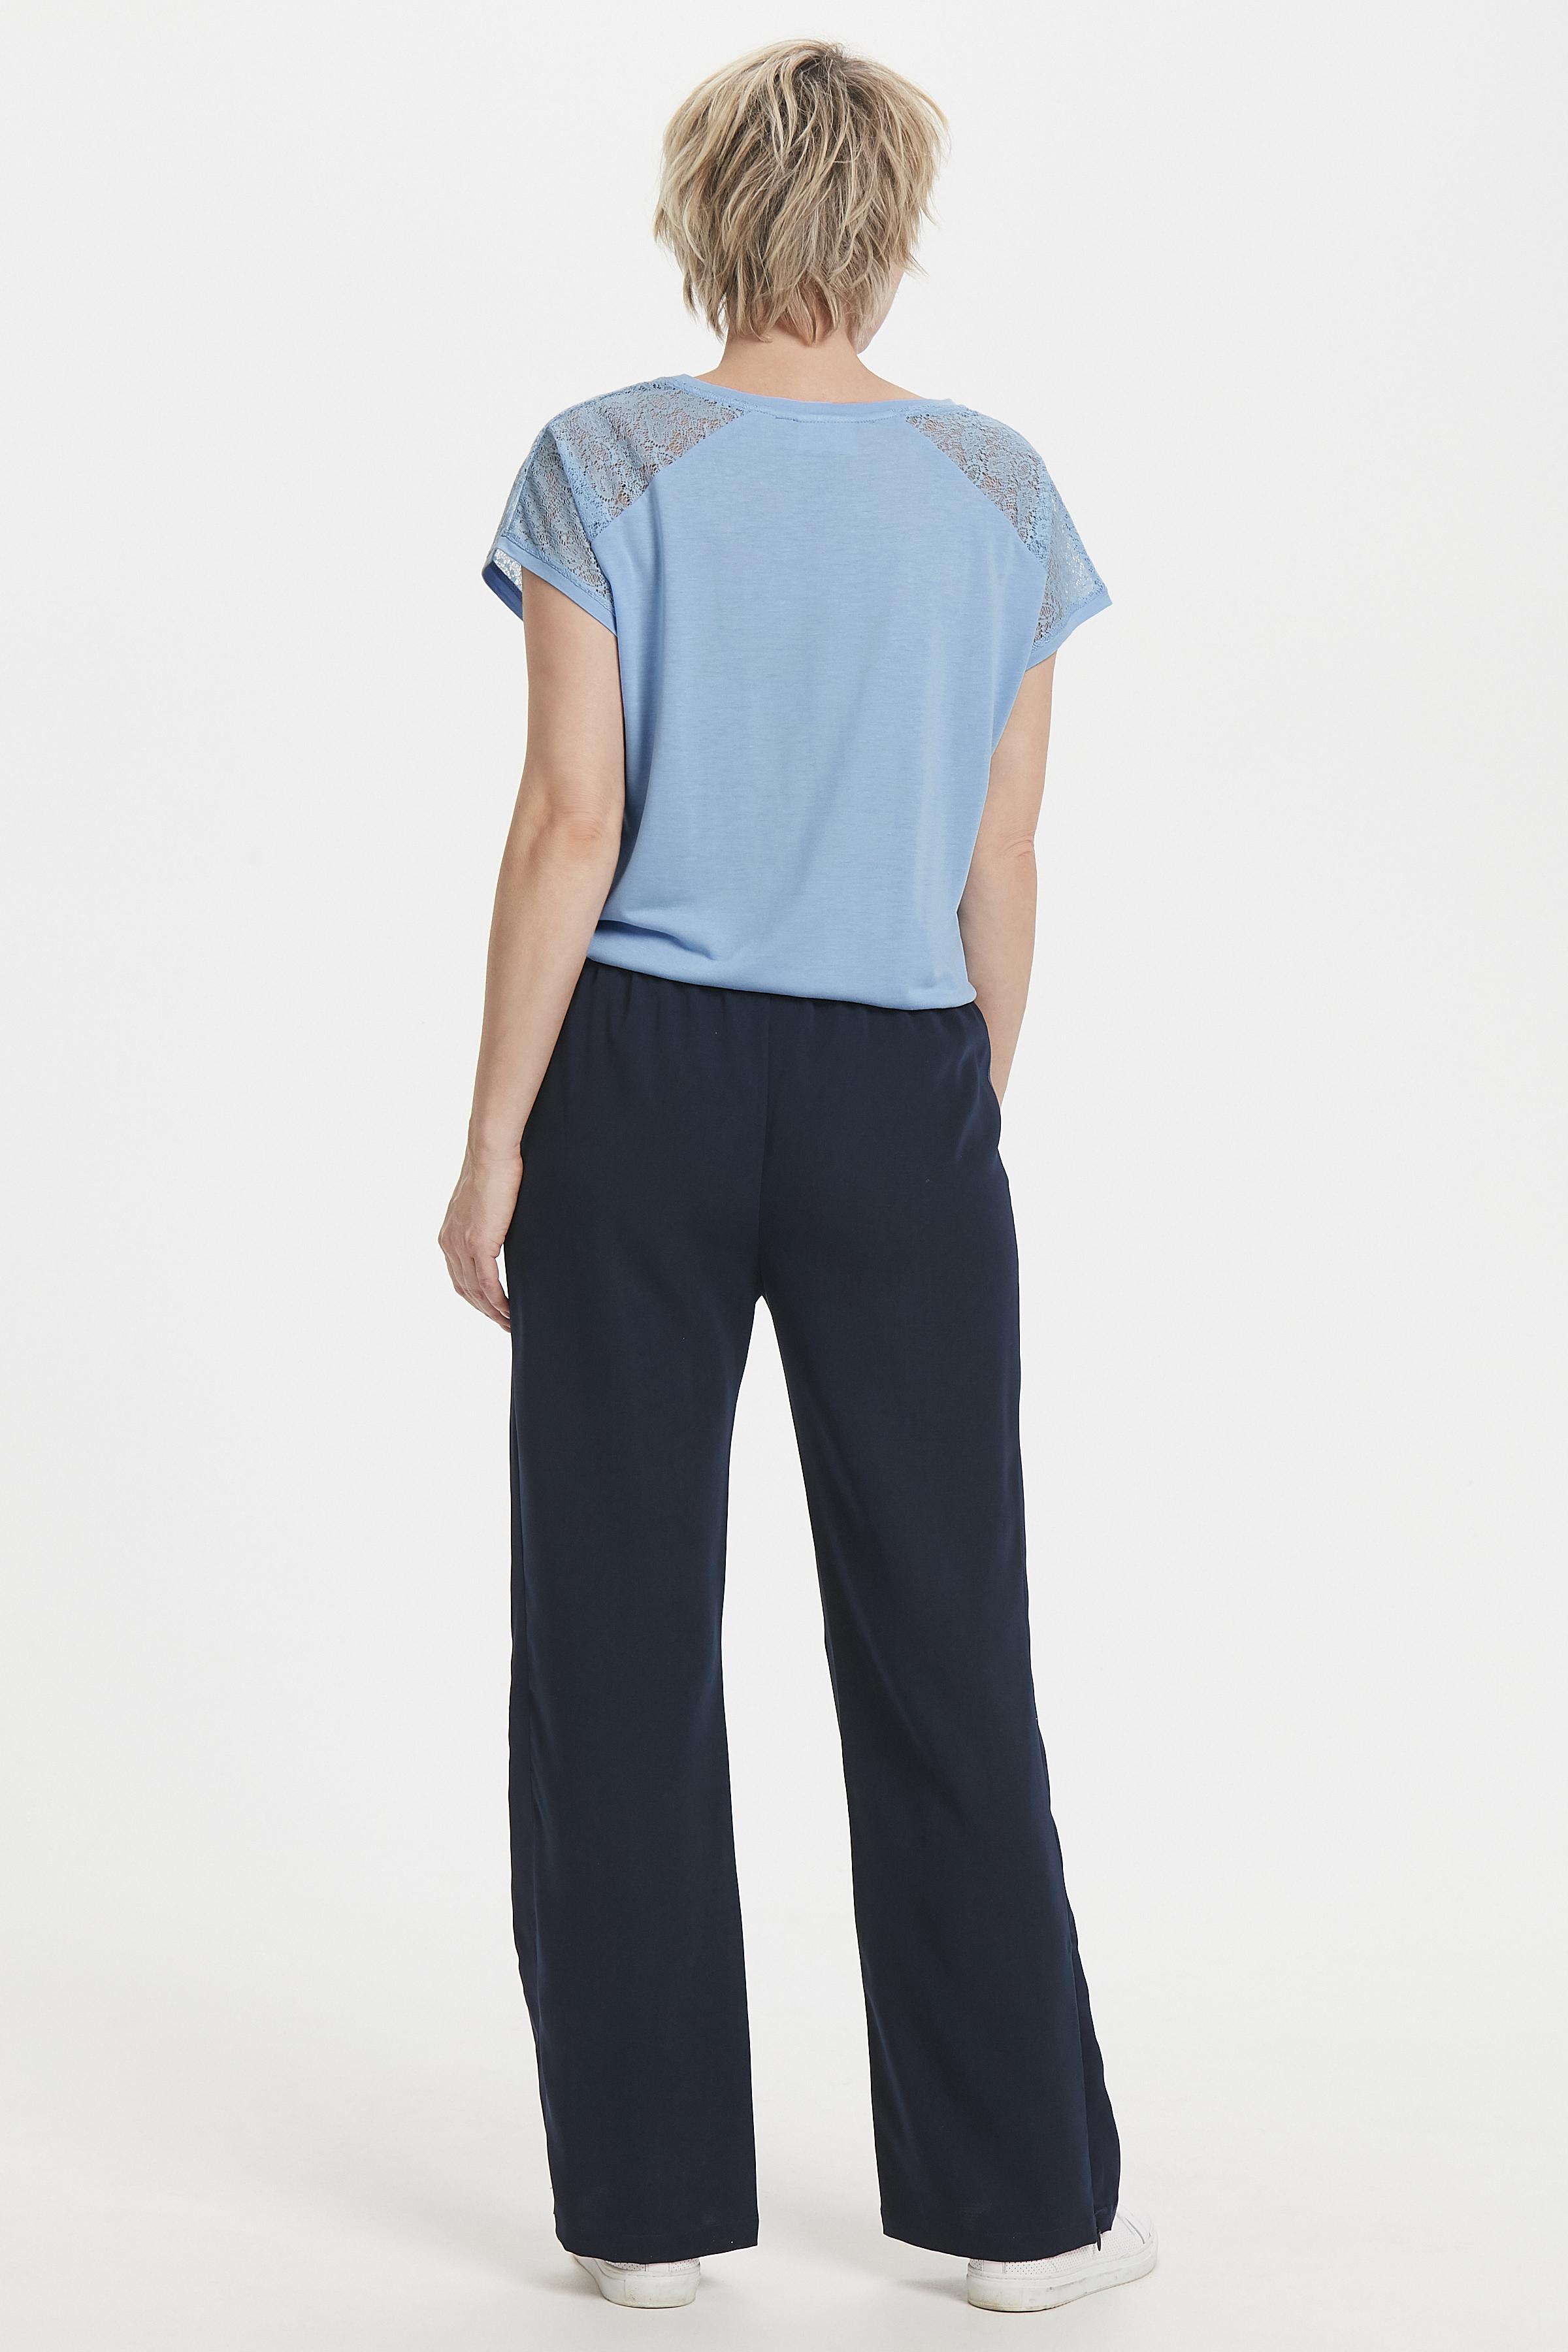 Ljusblå Kortärmad T-shirt från Kaffe – Köp Ljusblå Kortärmad T-shirt från stl. XS-XXL här